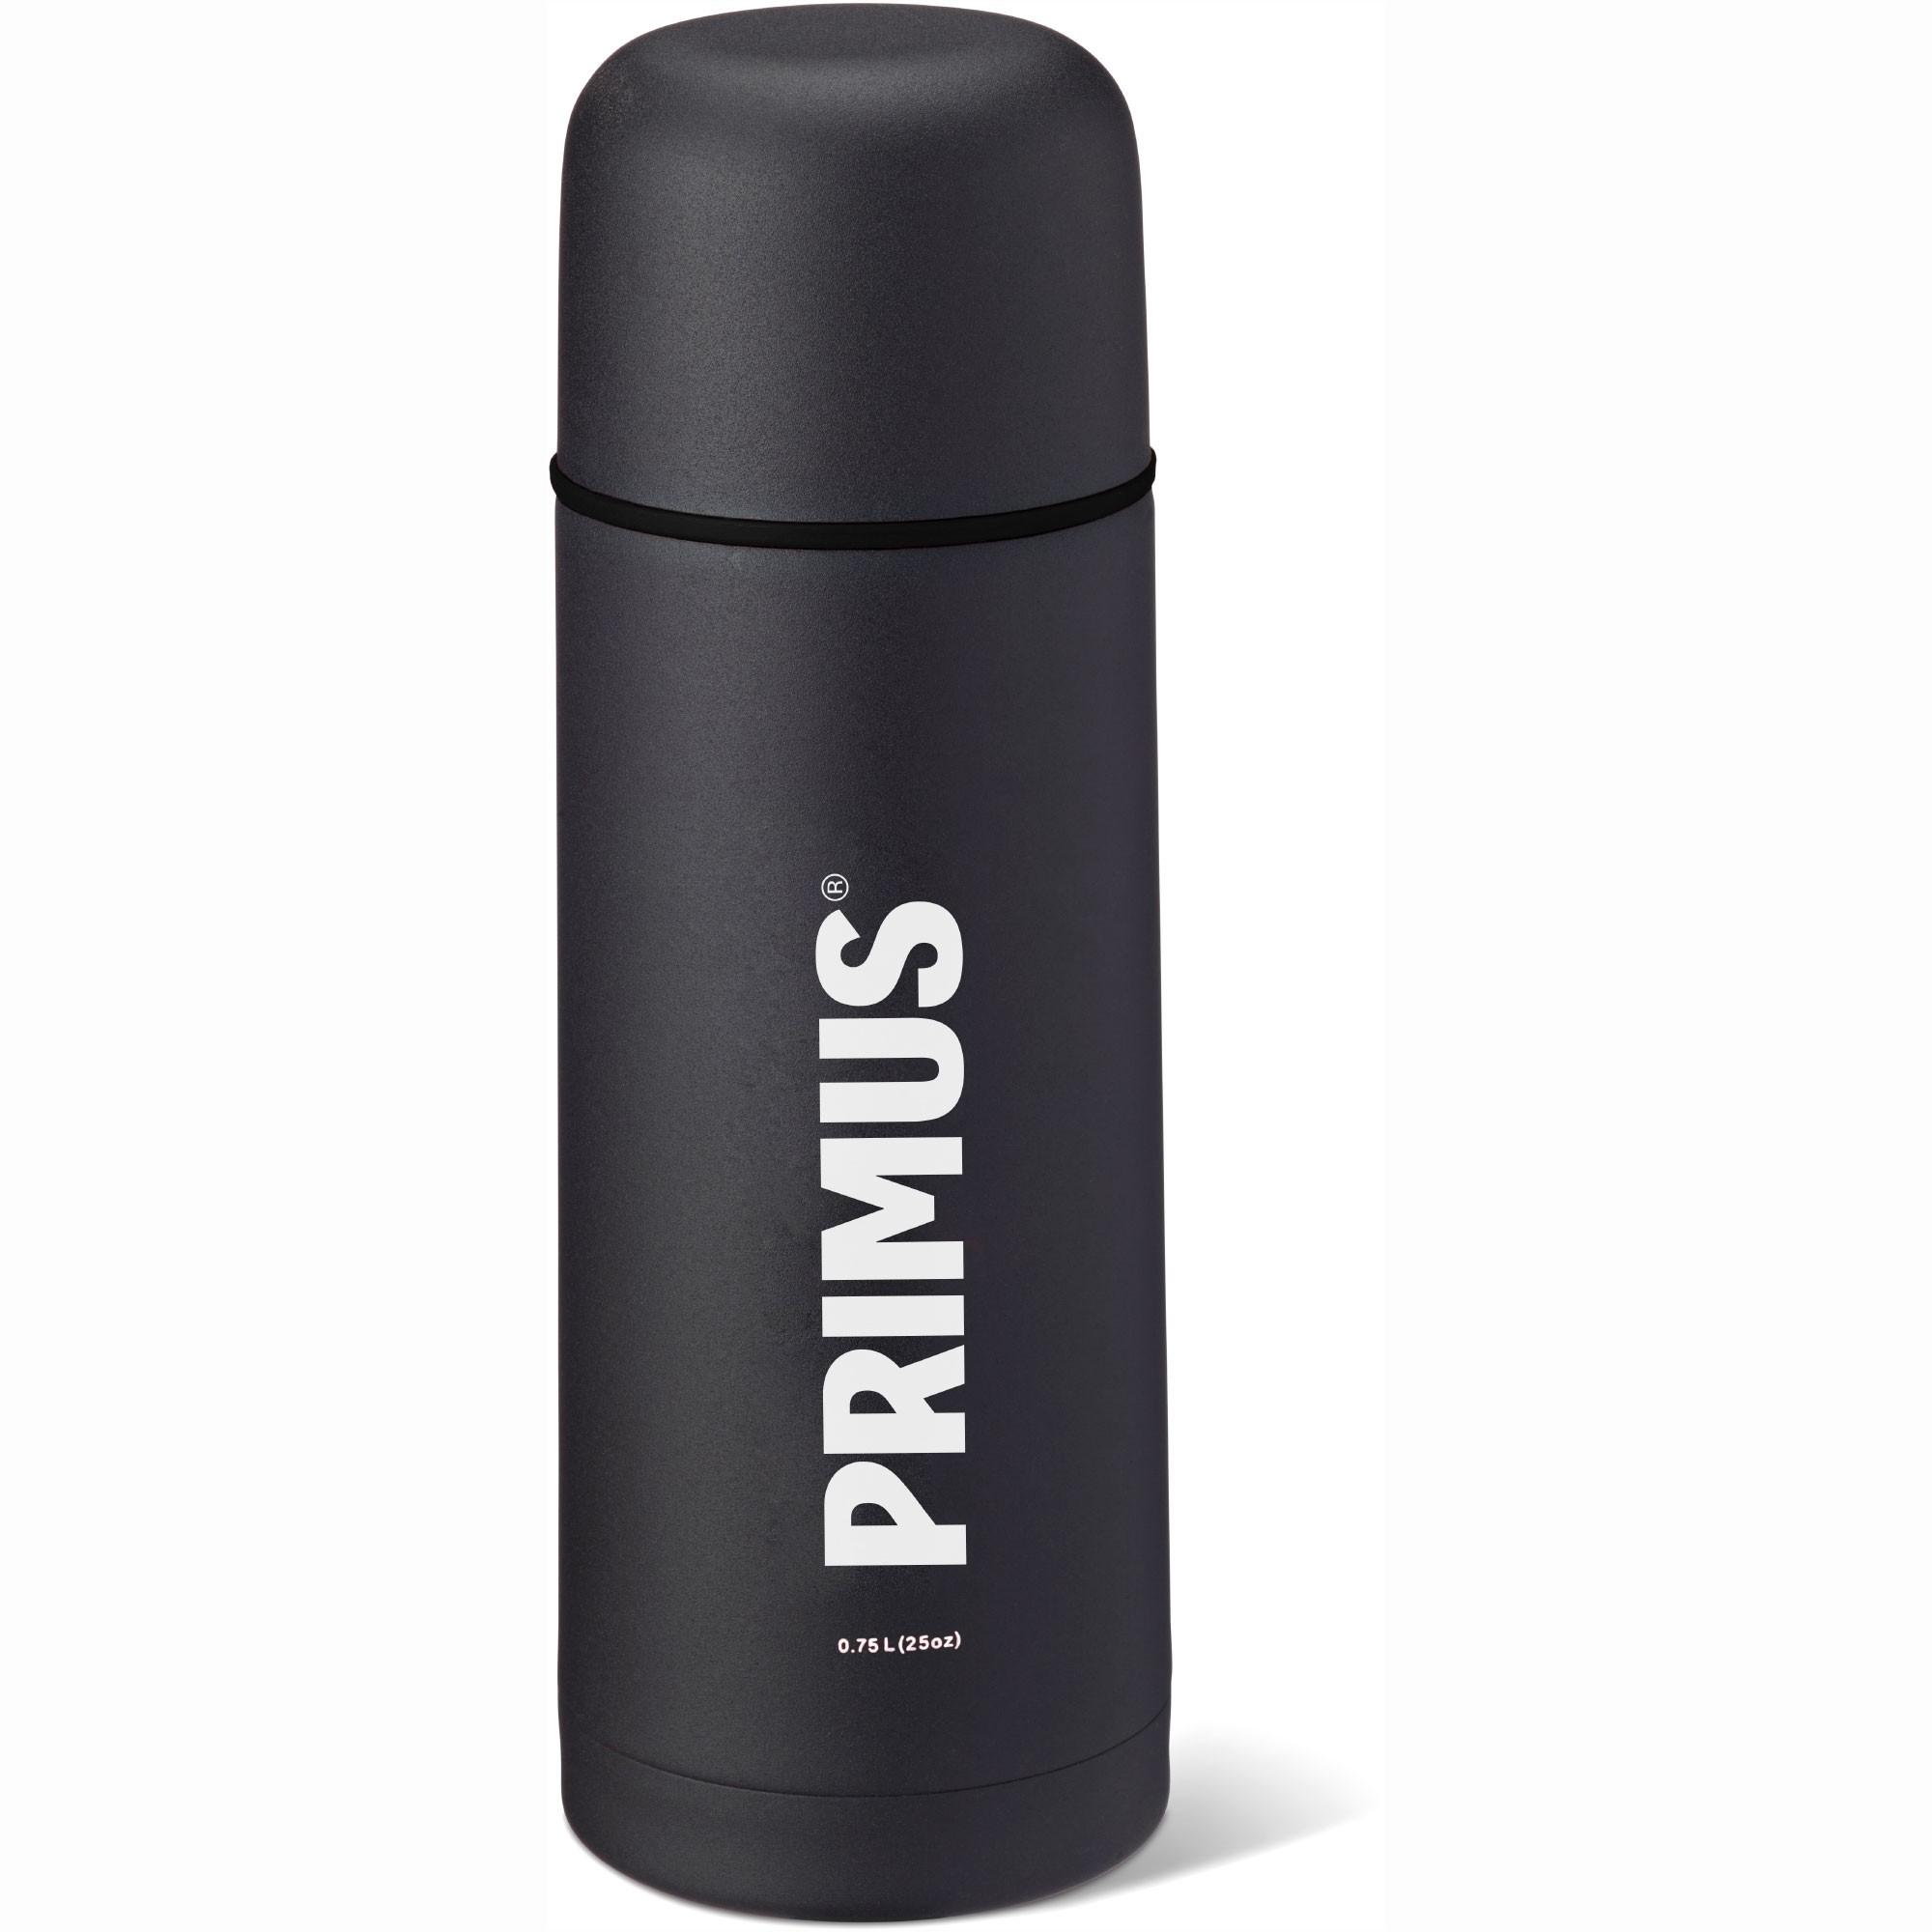 Primus Vacuum Bottle 0.35L - Black